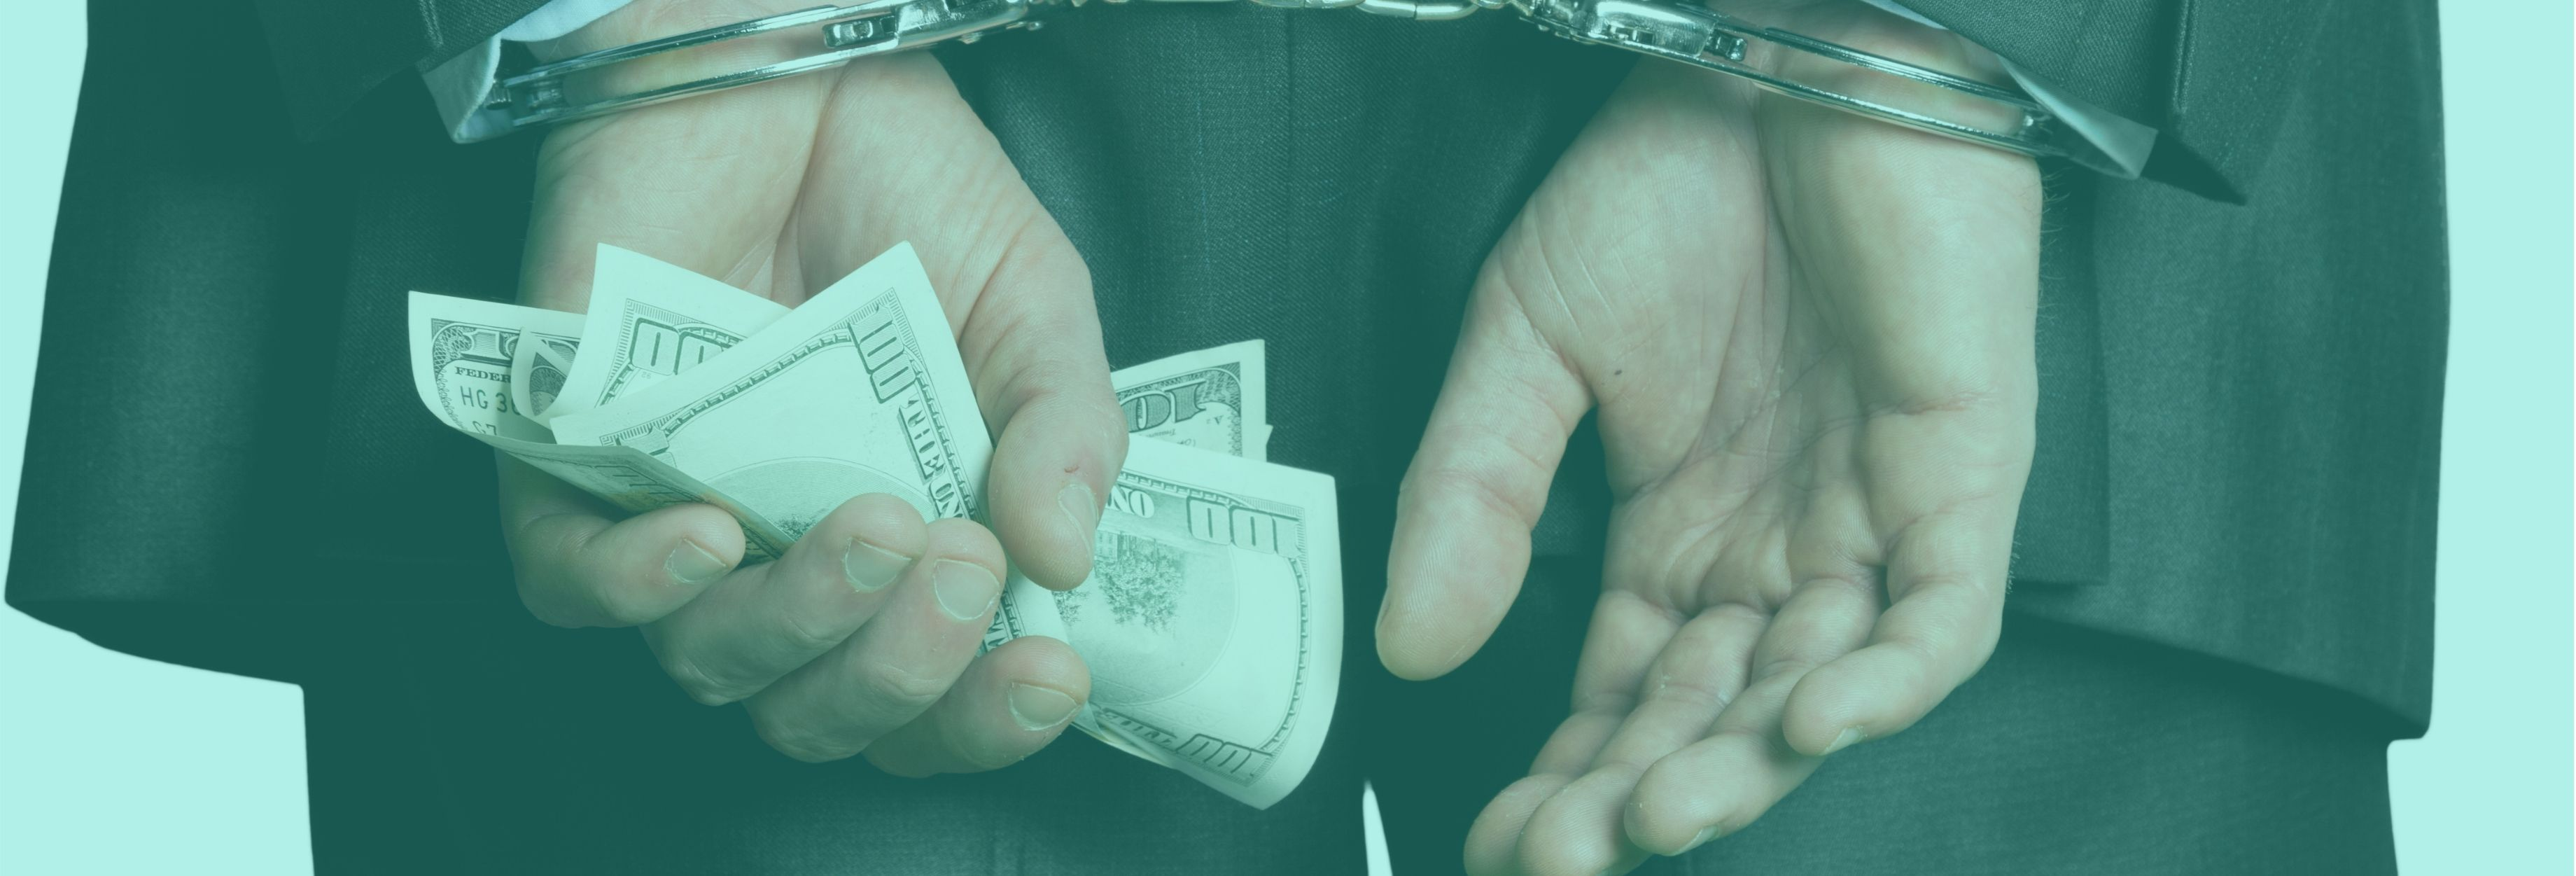 fraude de despesas